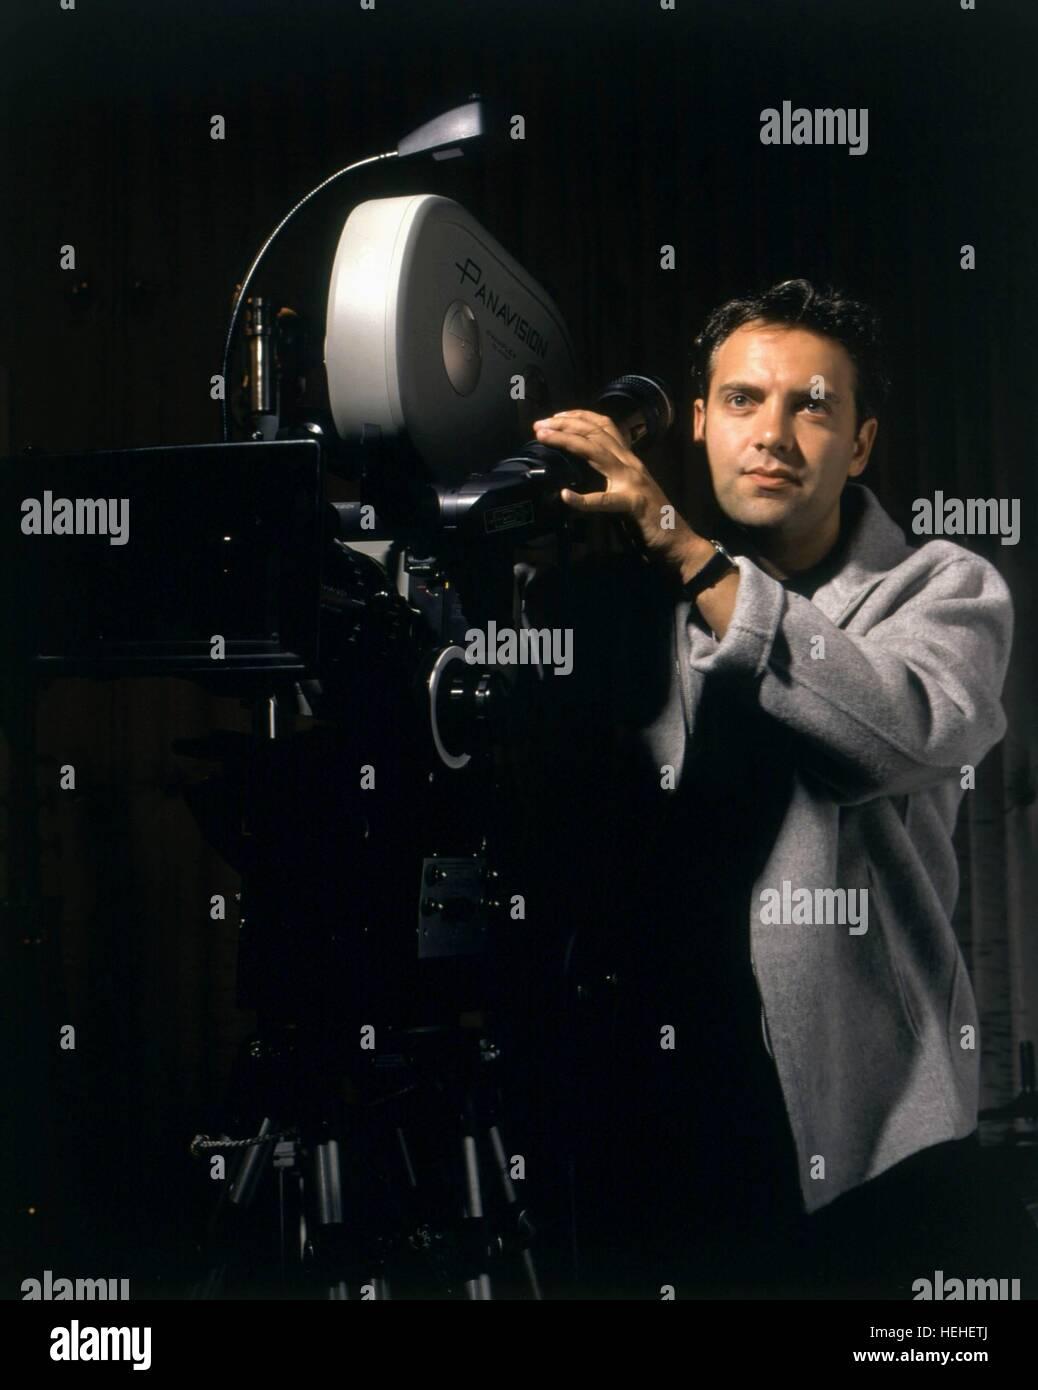 SAM MANDES DIRECTOR (1999) - Stock Image